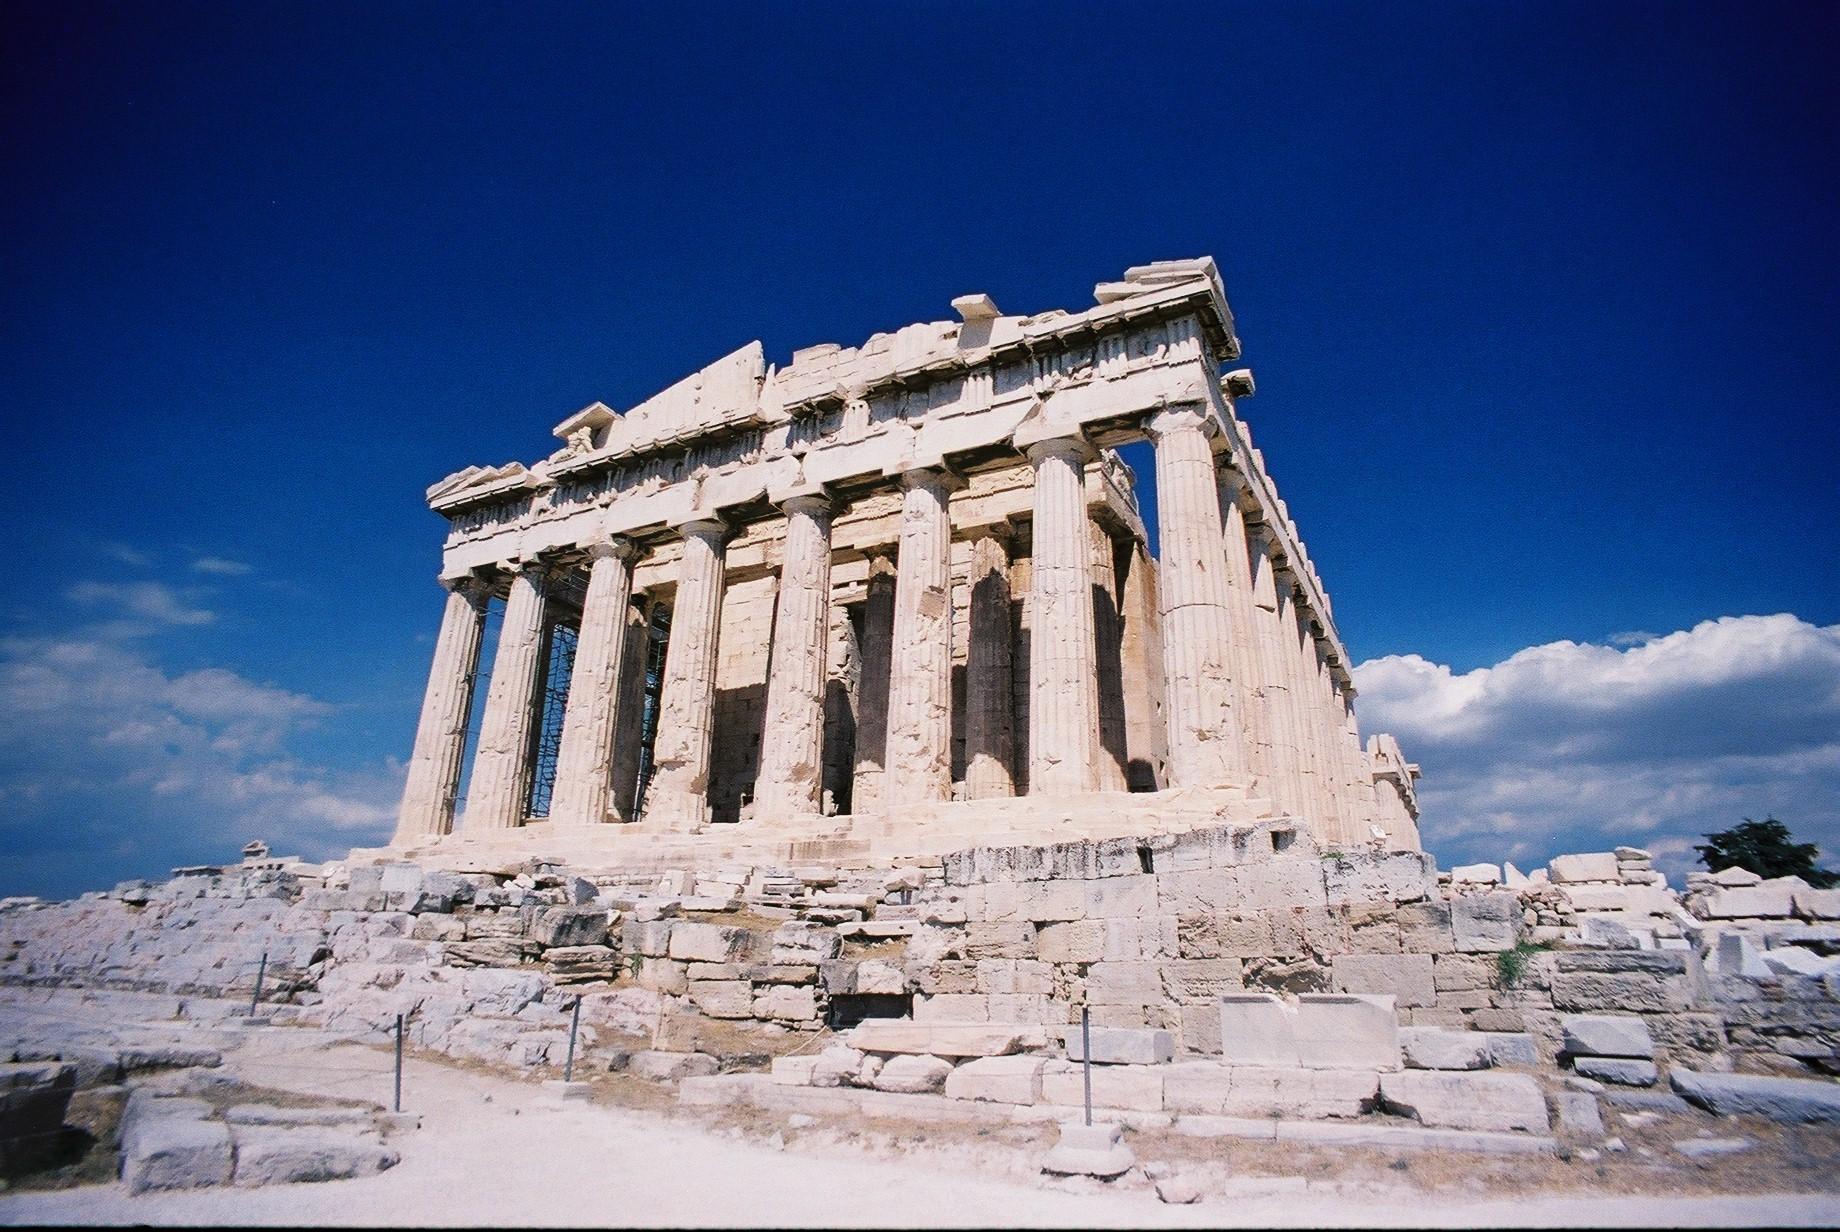 ギリシャ危機2〜ギリシャと米国の関係の歴史(戦後偏)〜 - 金貸しは、国家を相手に金を貸す